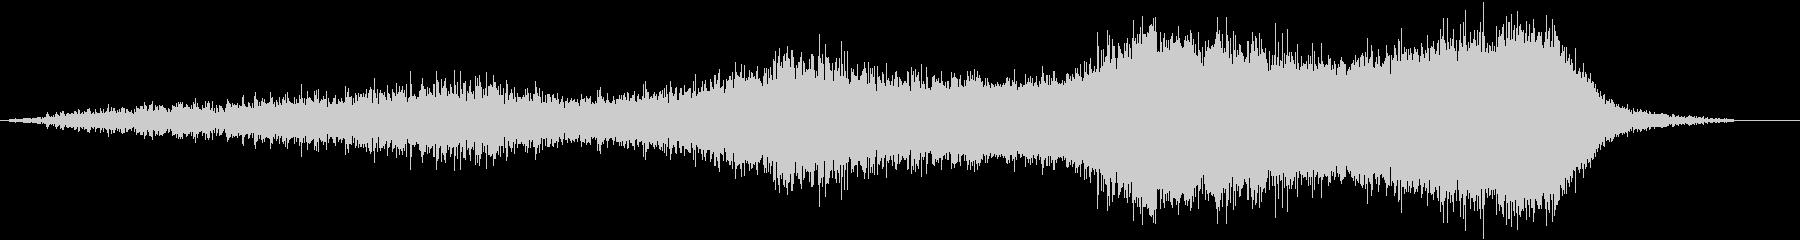 【ライザー】21 エピックサウンド 壮大の未再生の波形